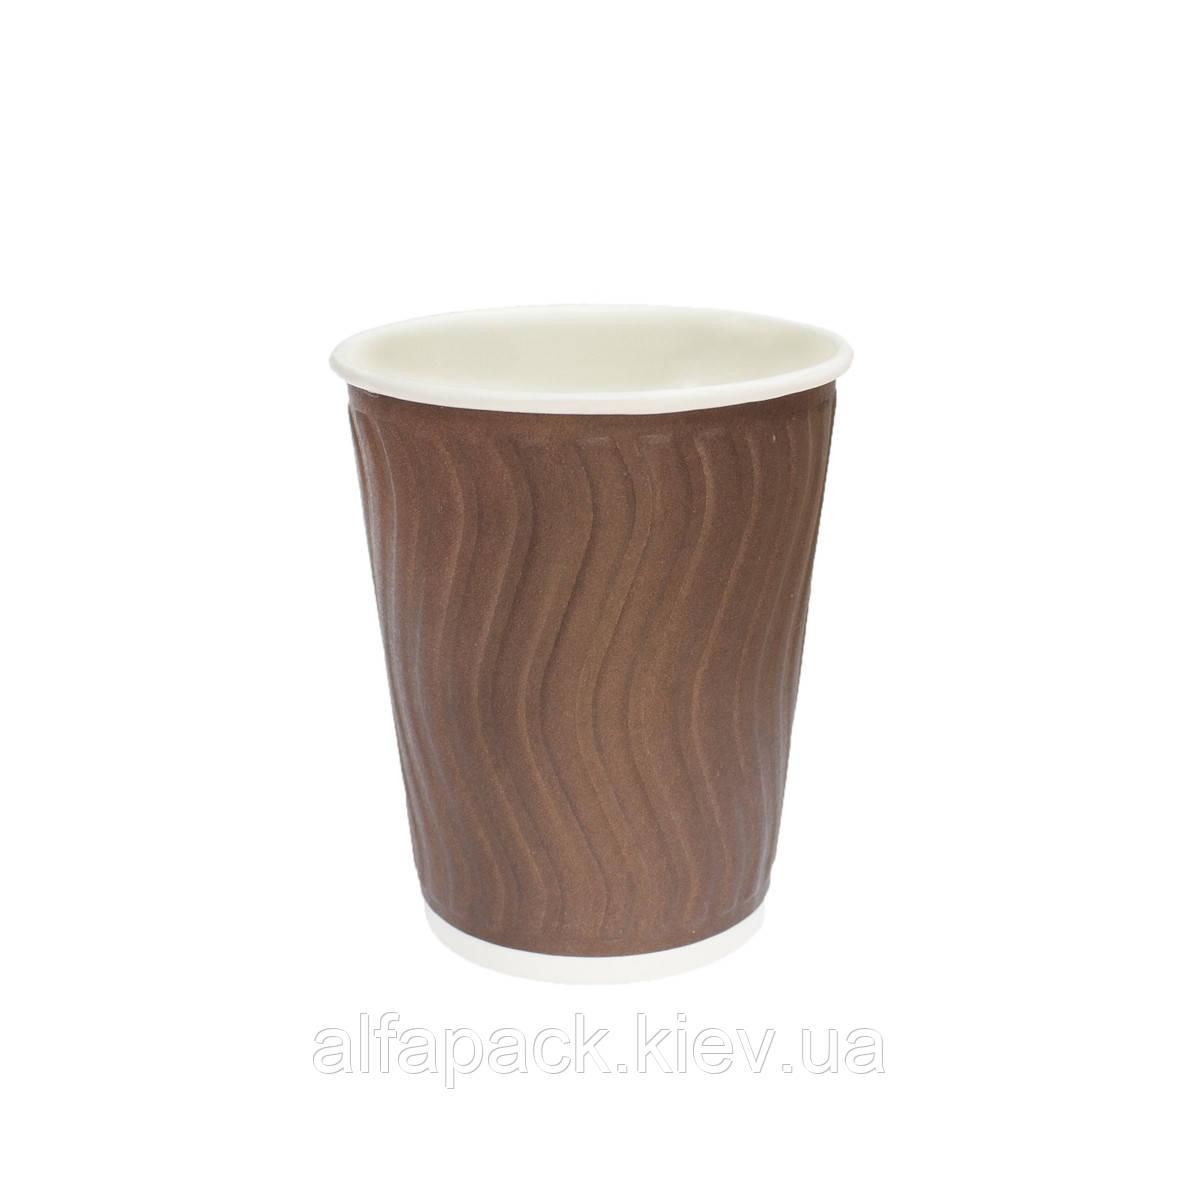 Гофрированный стакан волна коричневый 400 мл